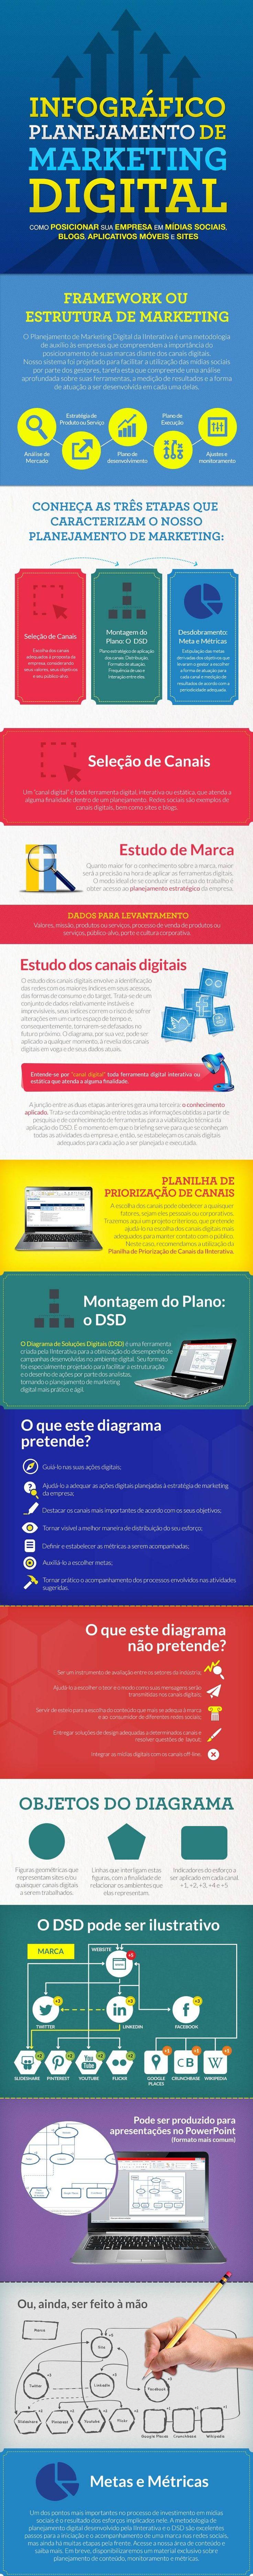 Infográfico - Como montar um plano de marketing digital | Criatives | Blog Design, Inspirações, Tutoriais, Web Design